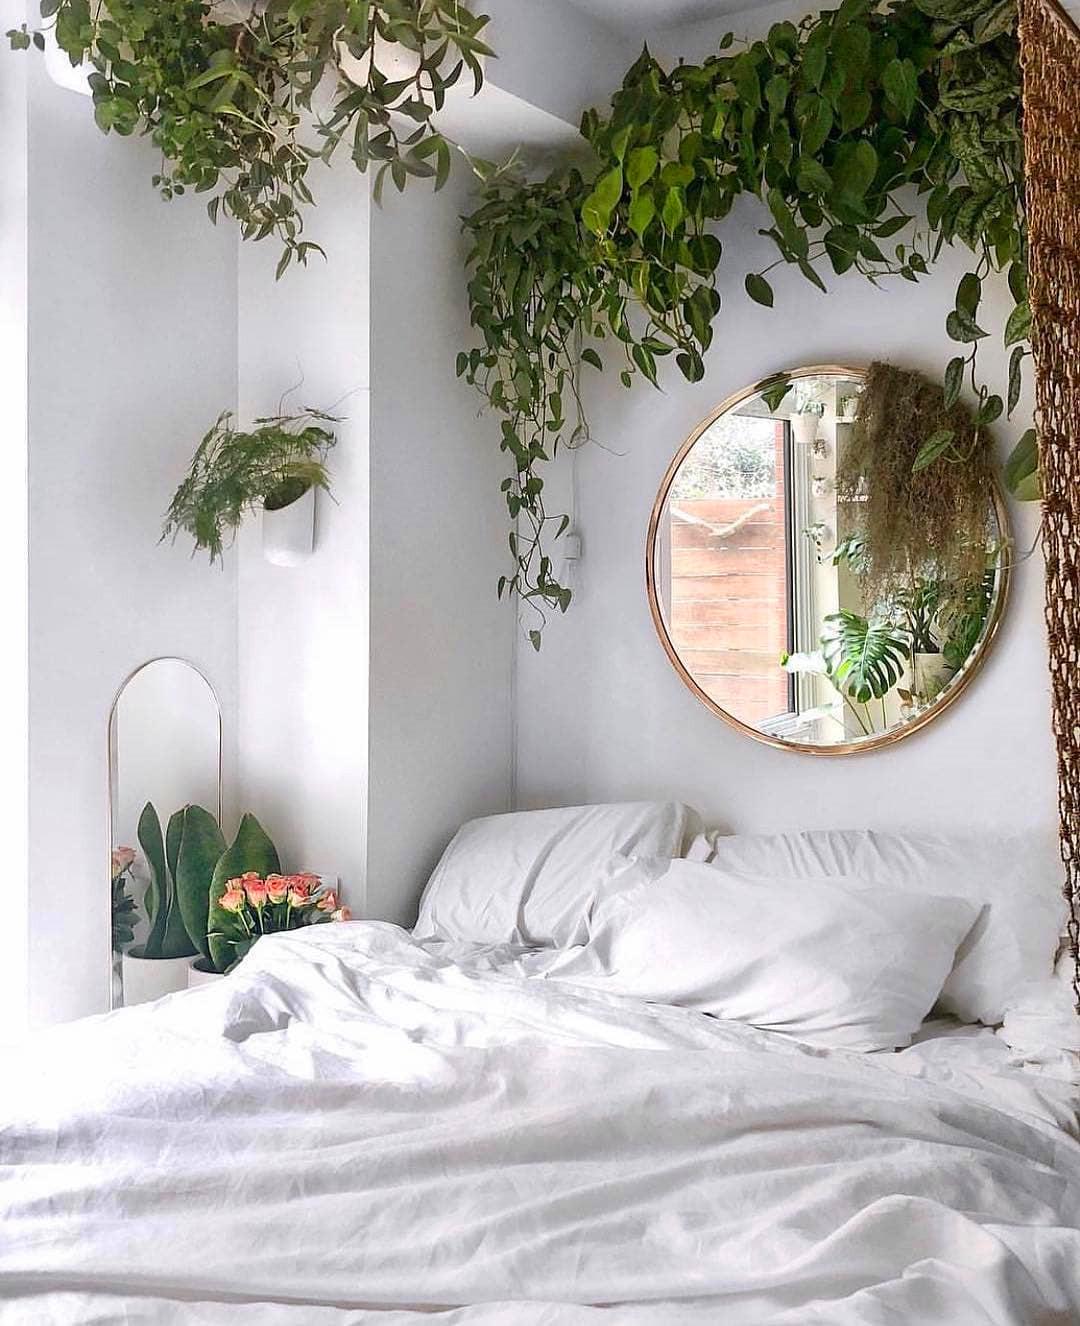 60+ Beautiful Indoor Plants Design in Your Interior Home